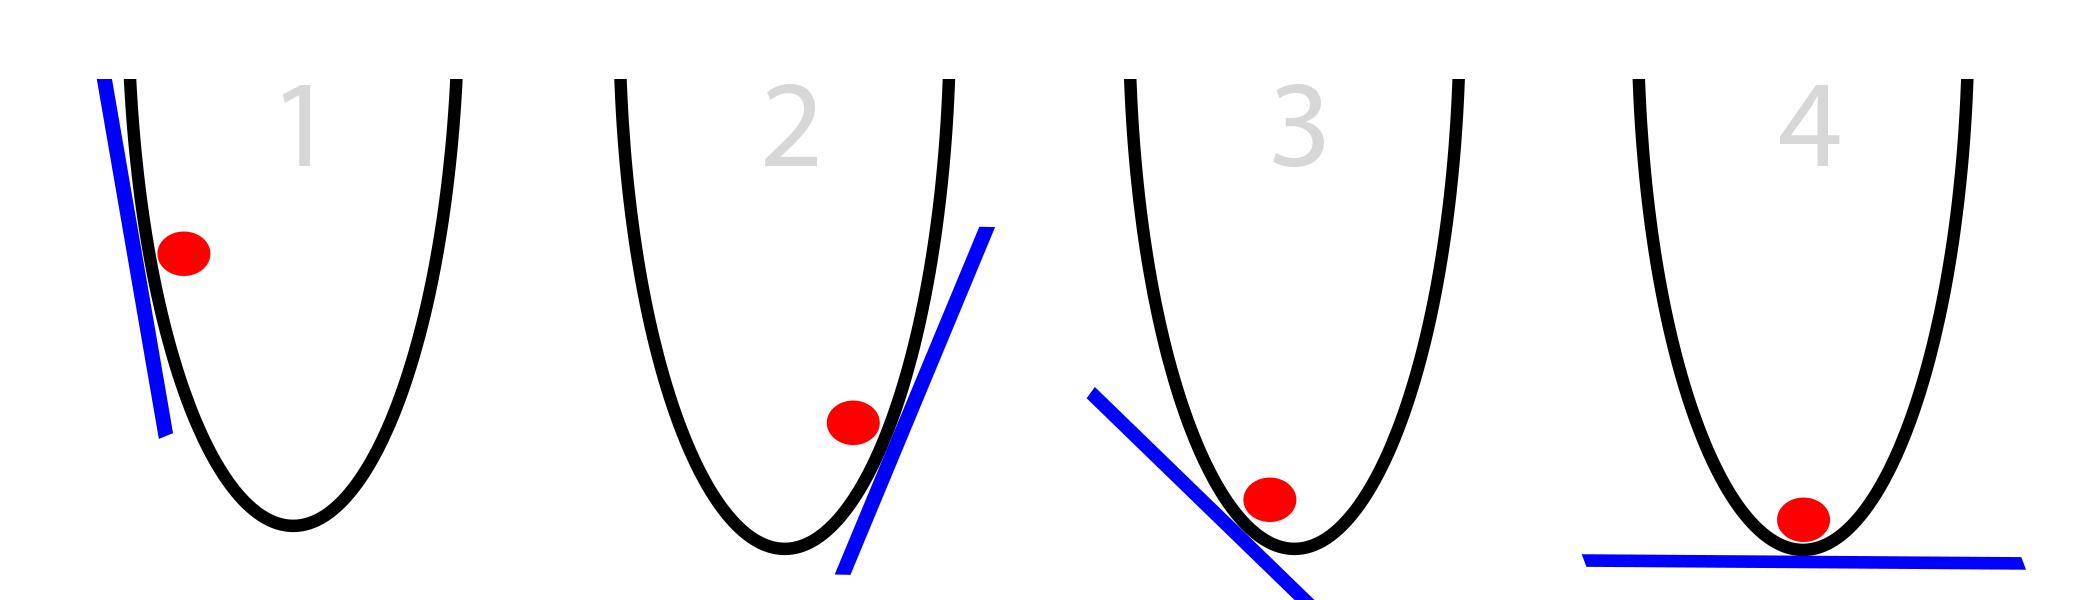 図 4 2 次関数における最急降下法